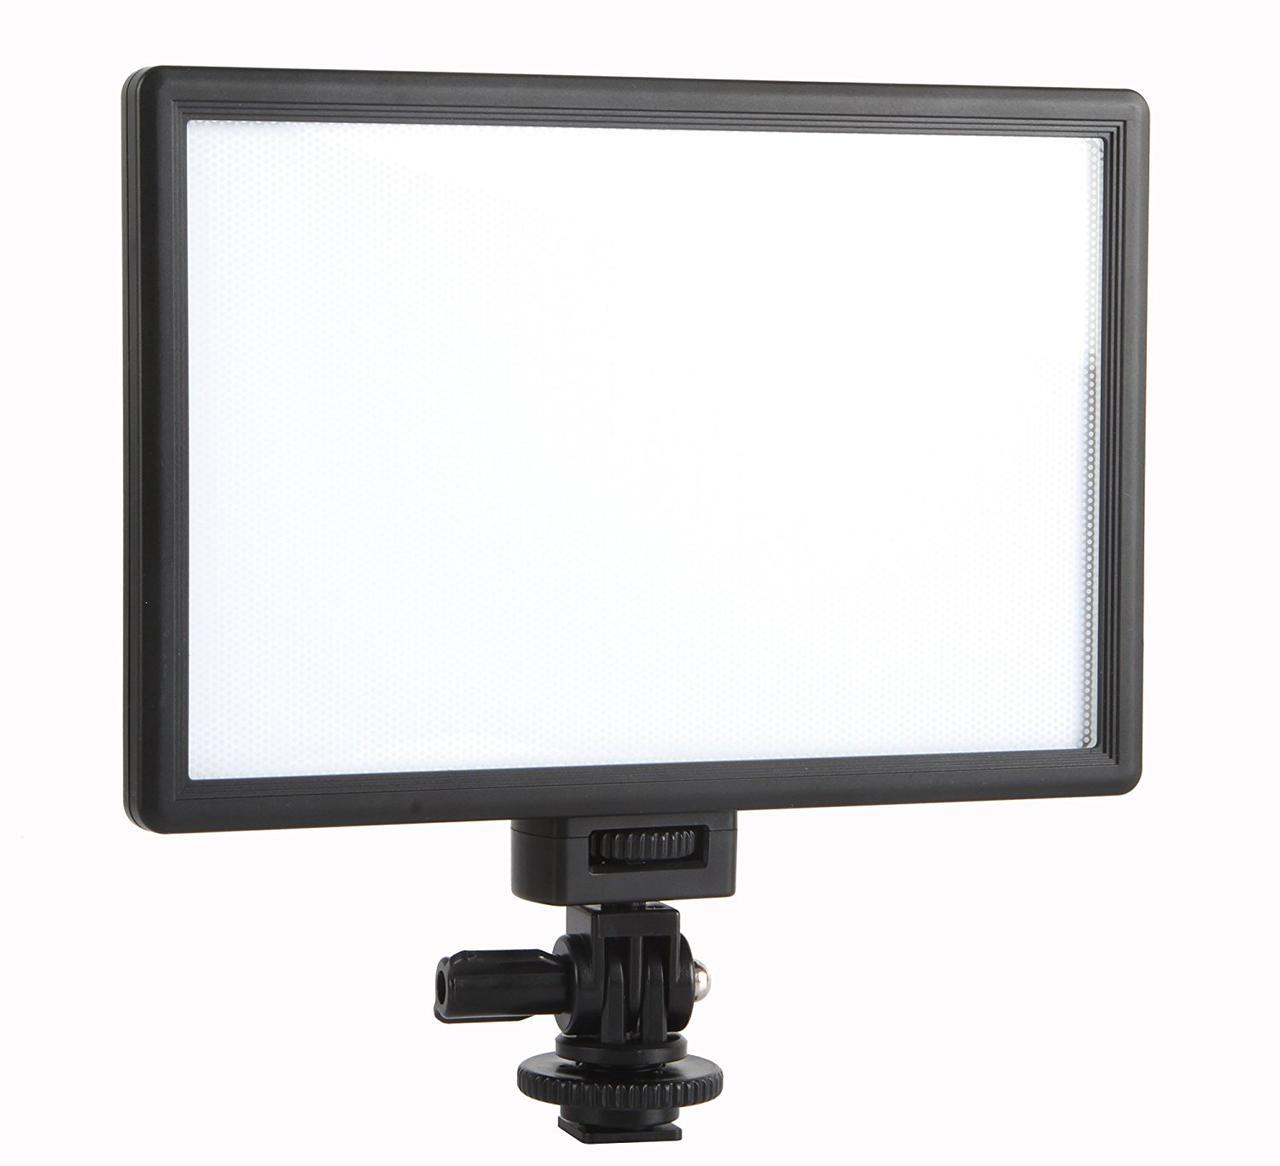 LED панель Viltrox L116T 3300K-5600K (видеосвет)